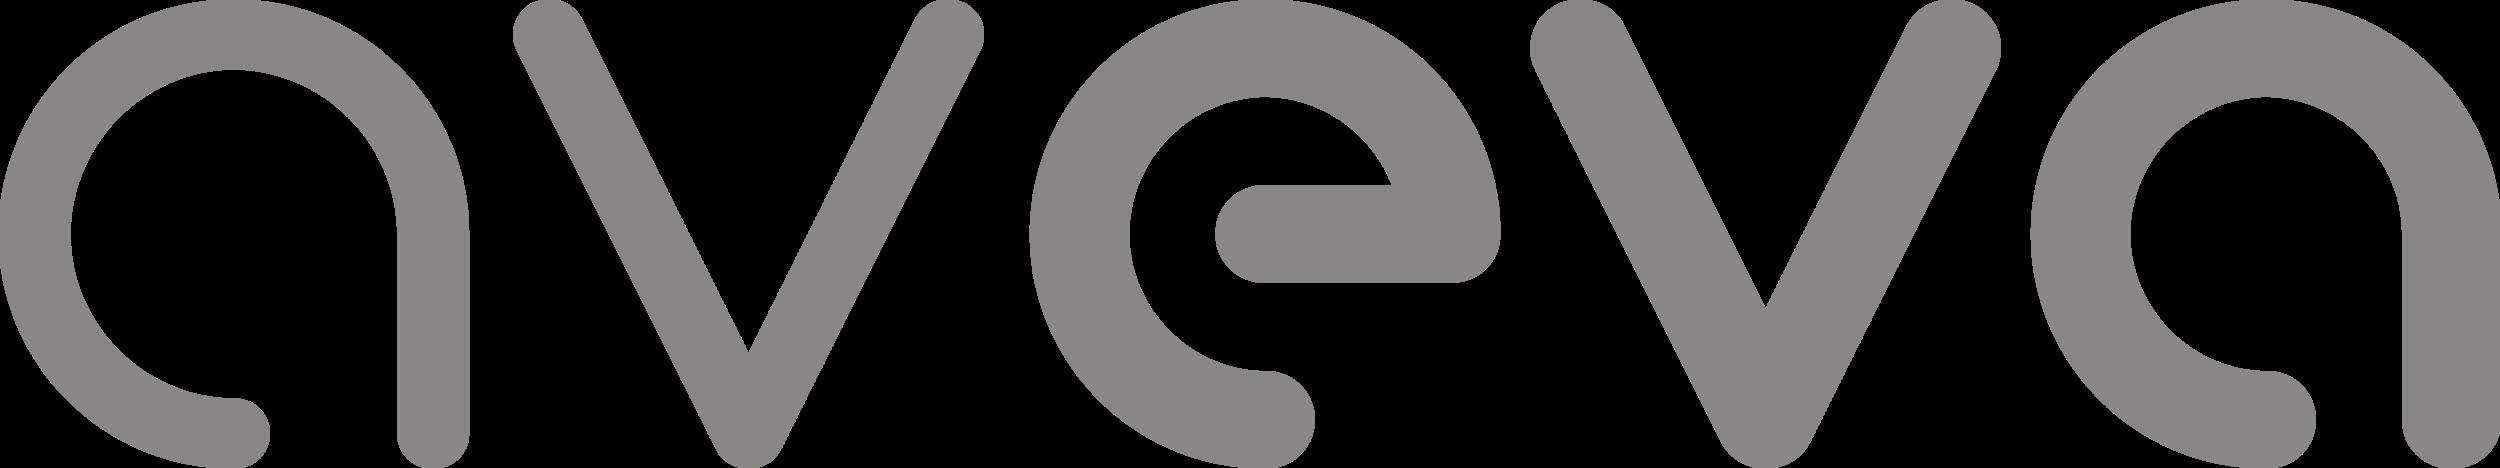 logo aveva.png